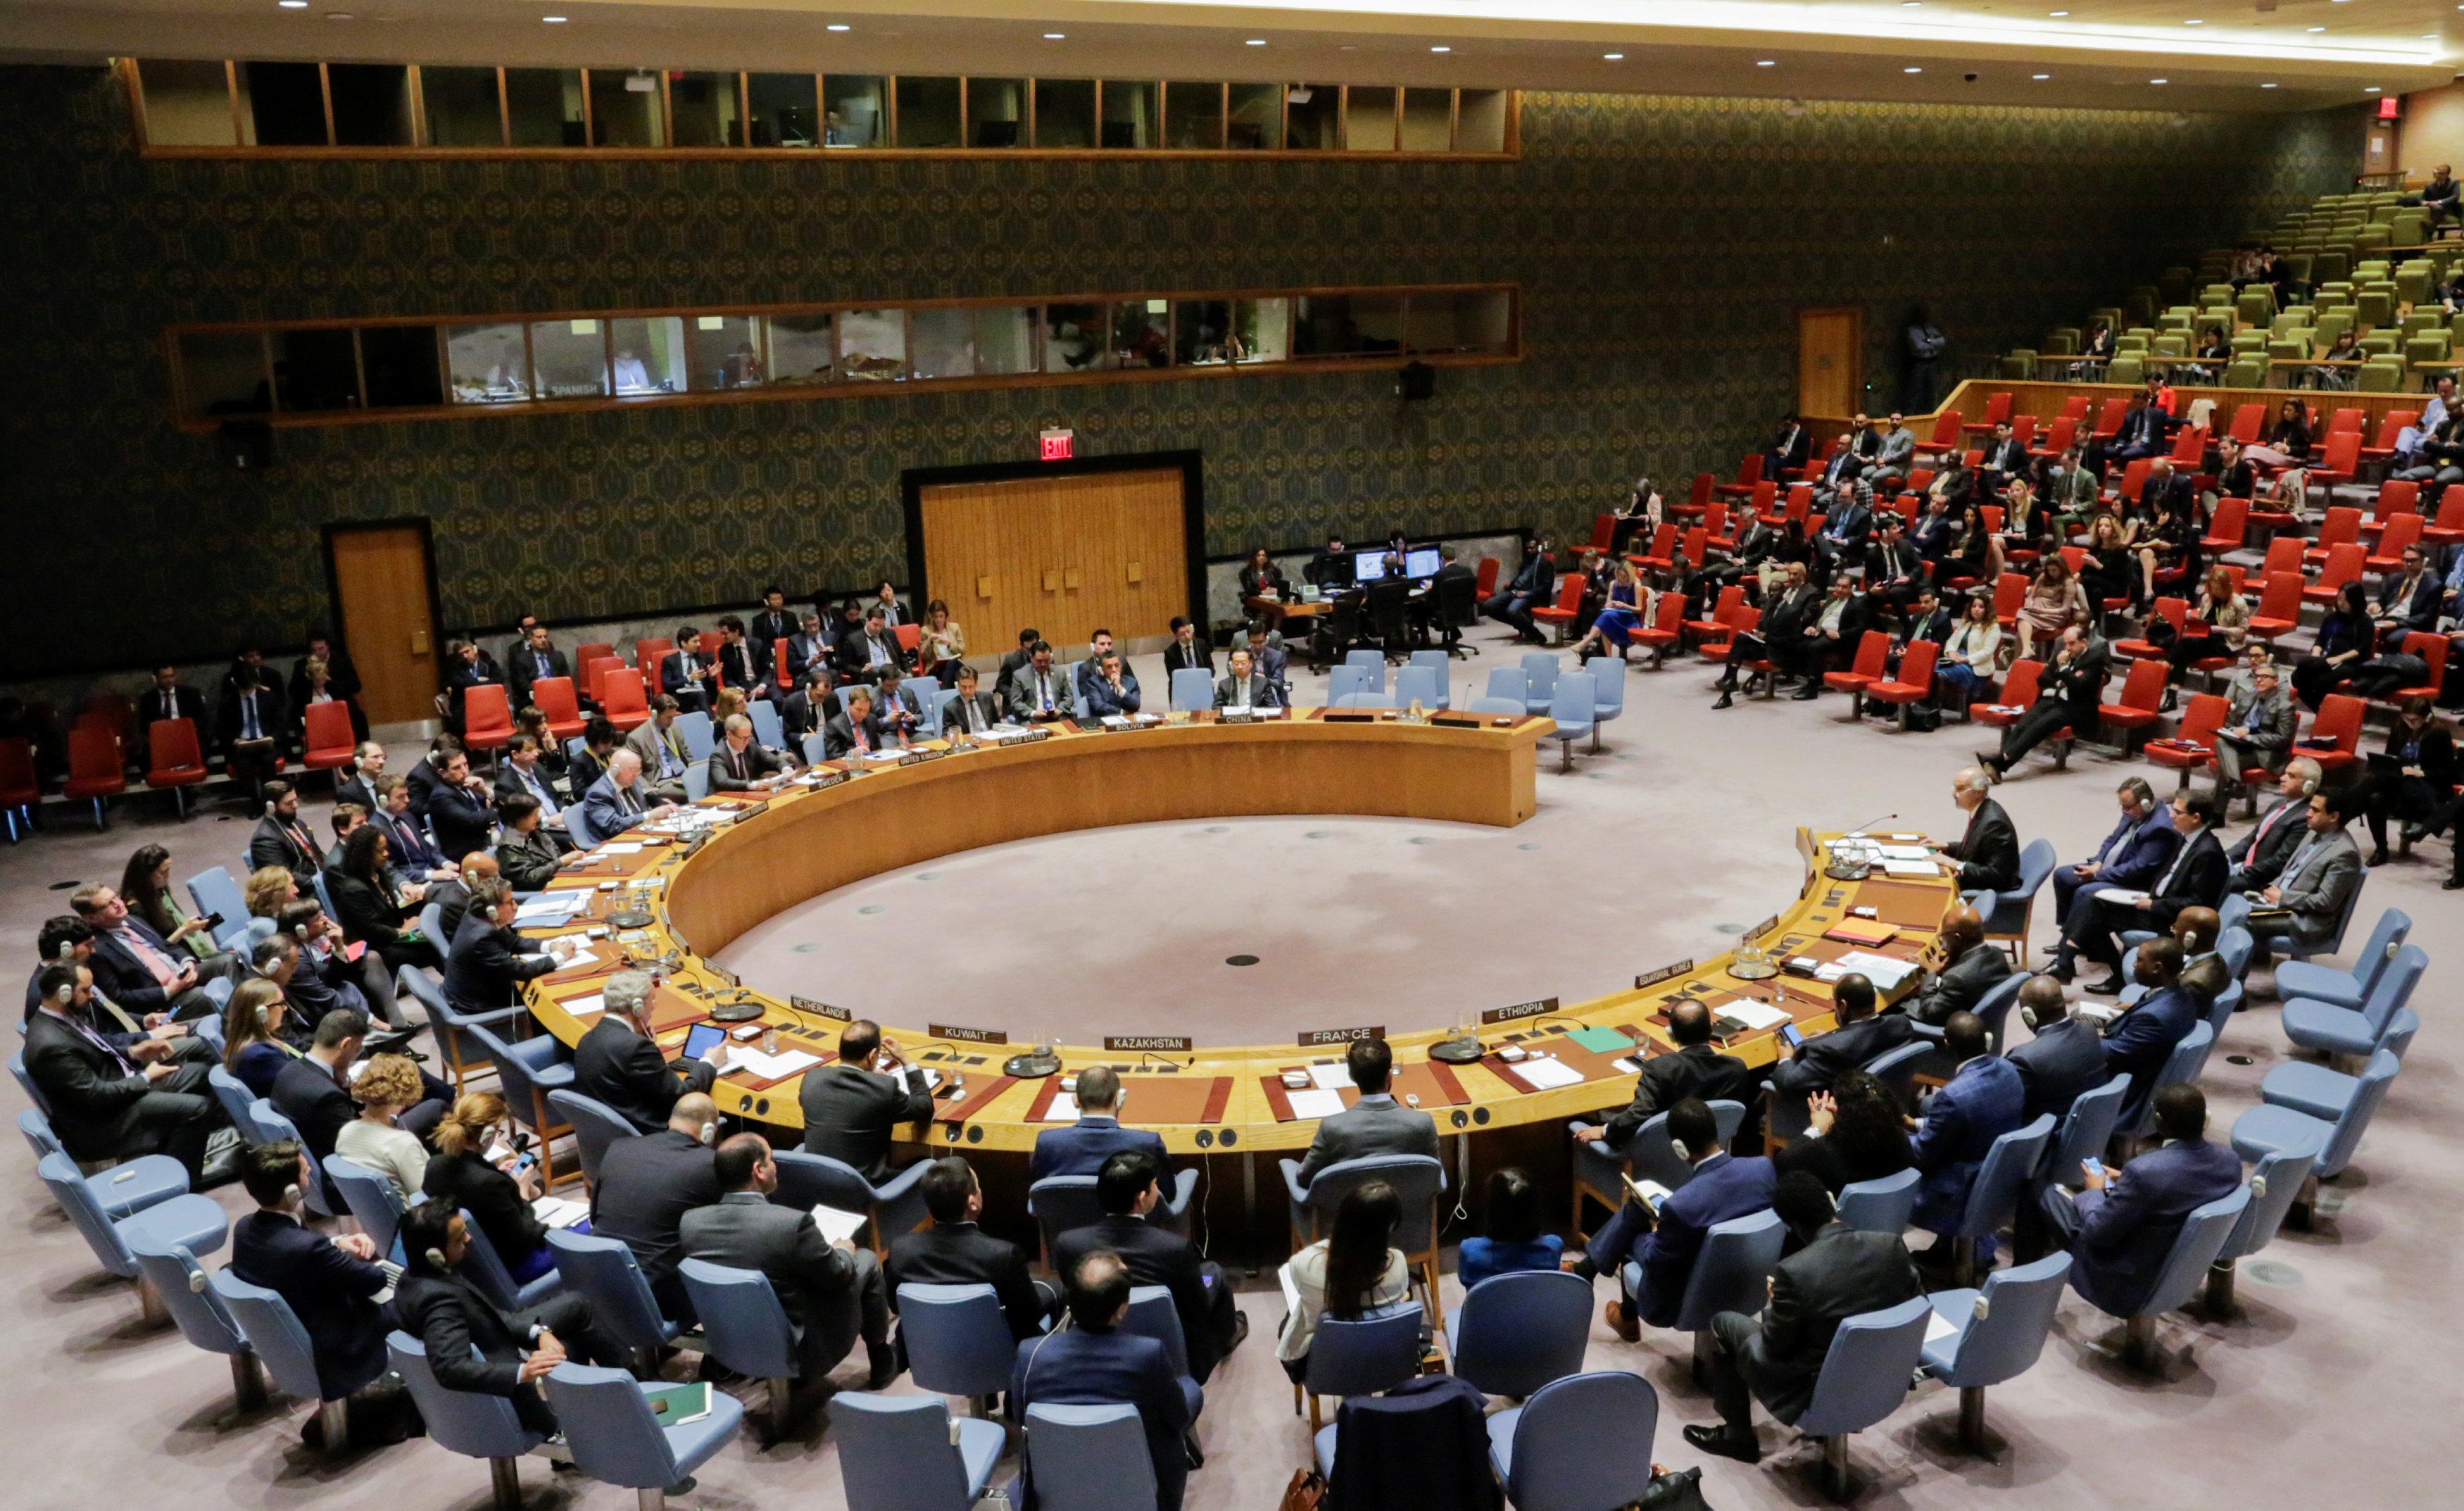 Νέα επέμβαση στη Συρία προετοιμάζουν οι ΗΠΑ | tovima.gr